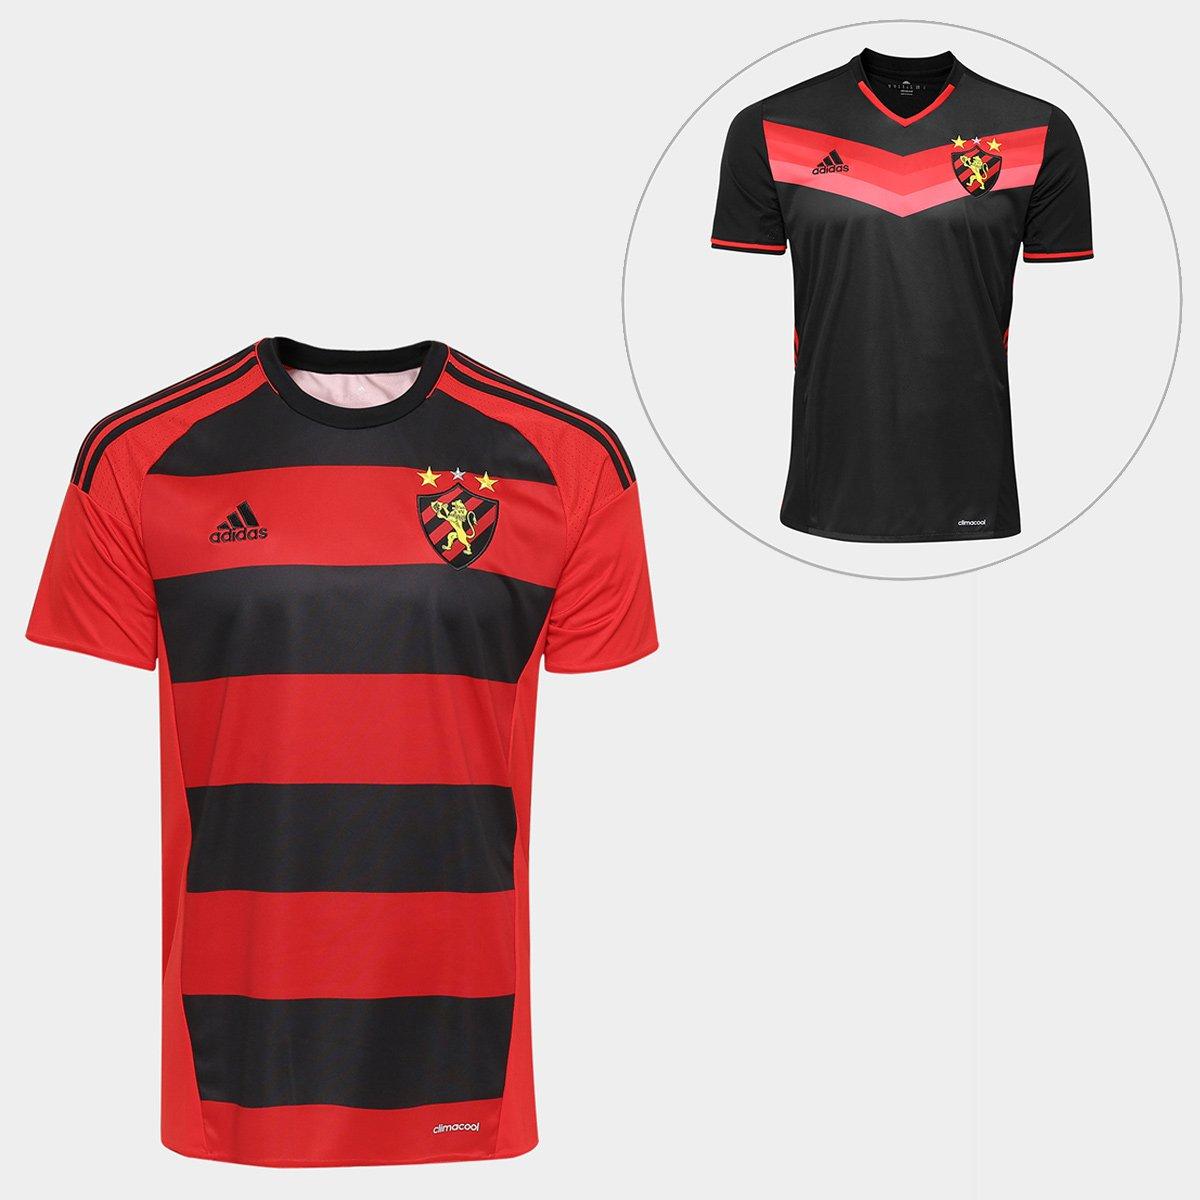 59e1d9fb83426 Kit Adidas Sport Recife 2016 - Camisa I + Camisa II - Compre Agora ...